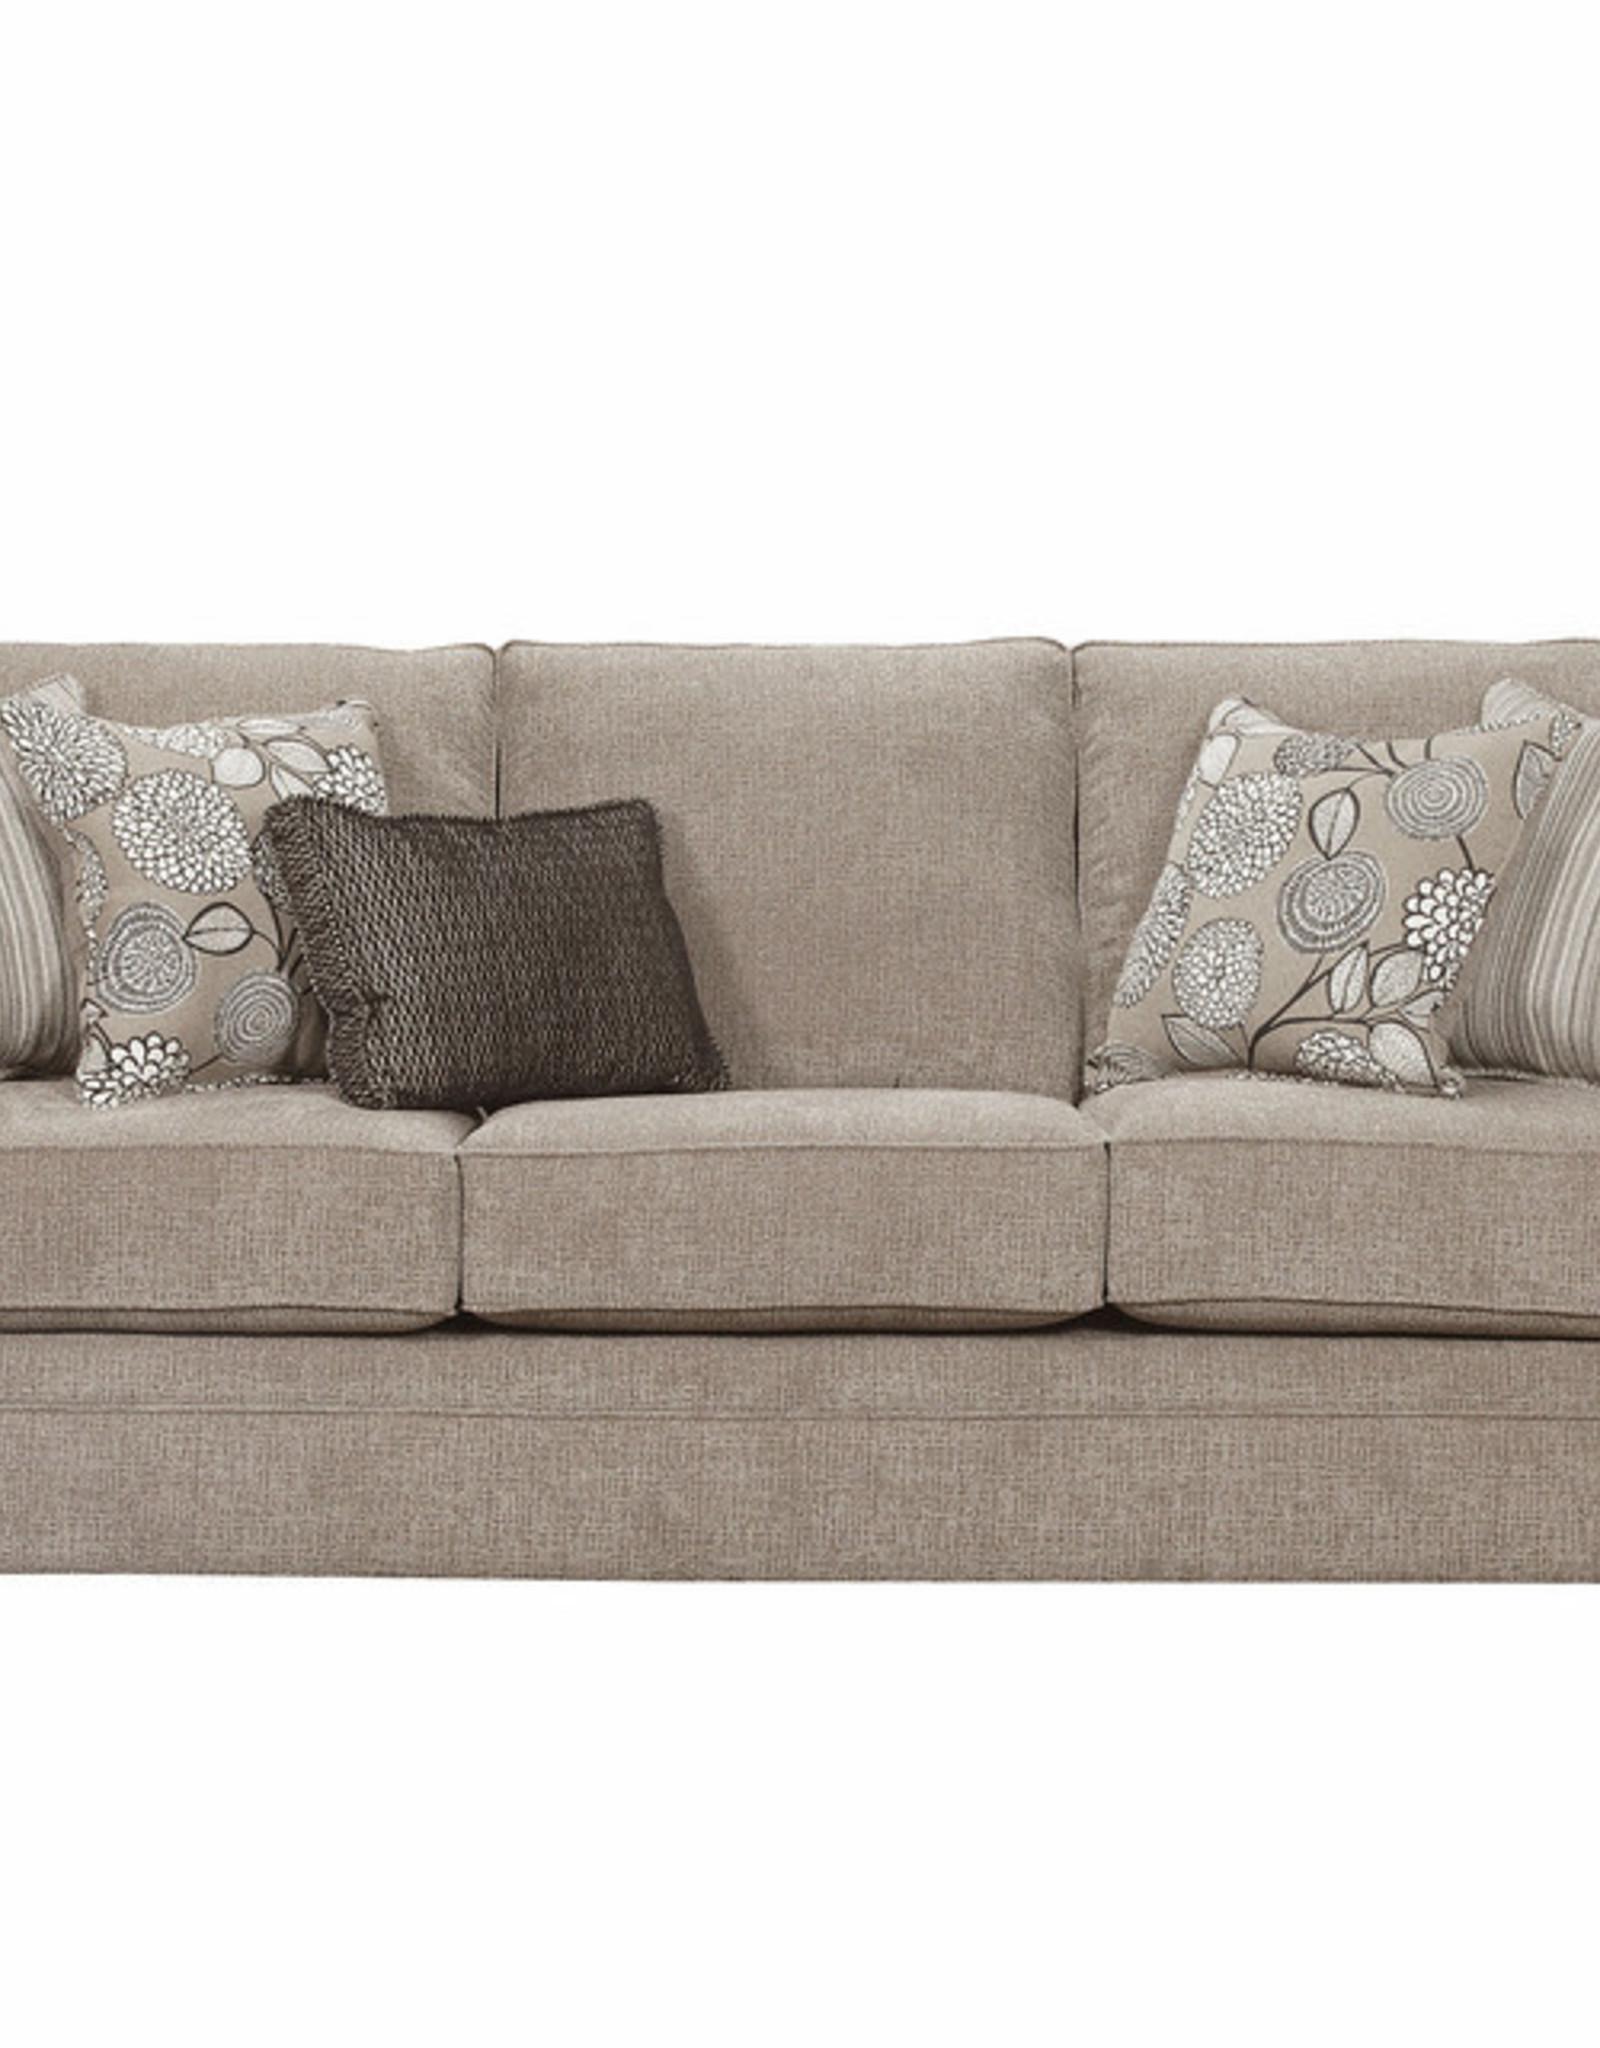 Lane Macey Pewter Sofa and Loveseat Set